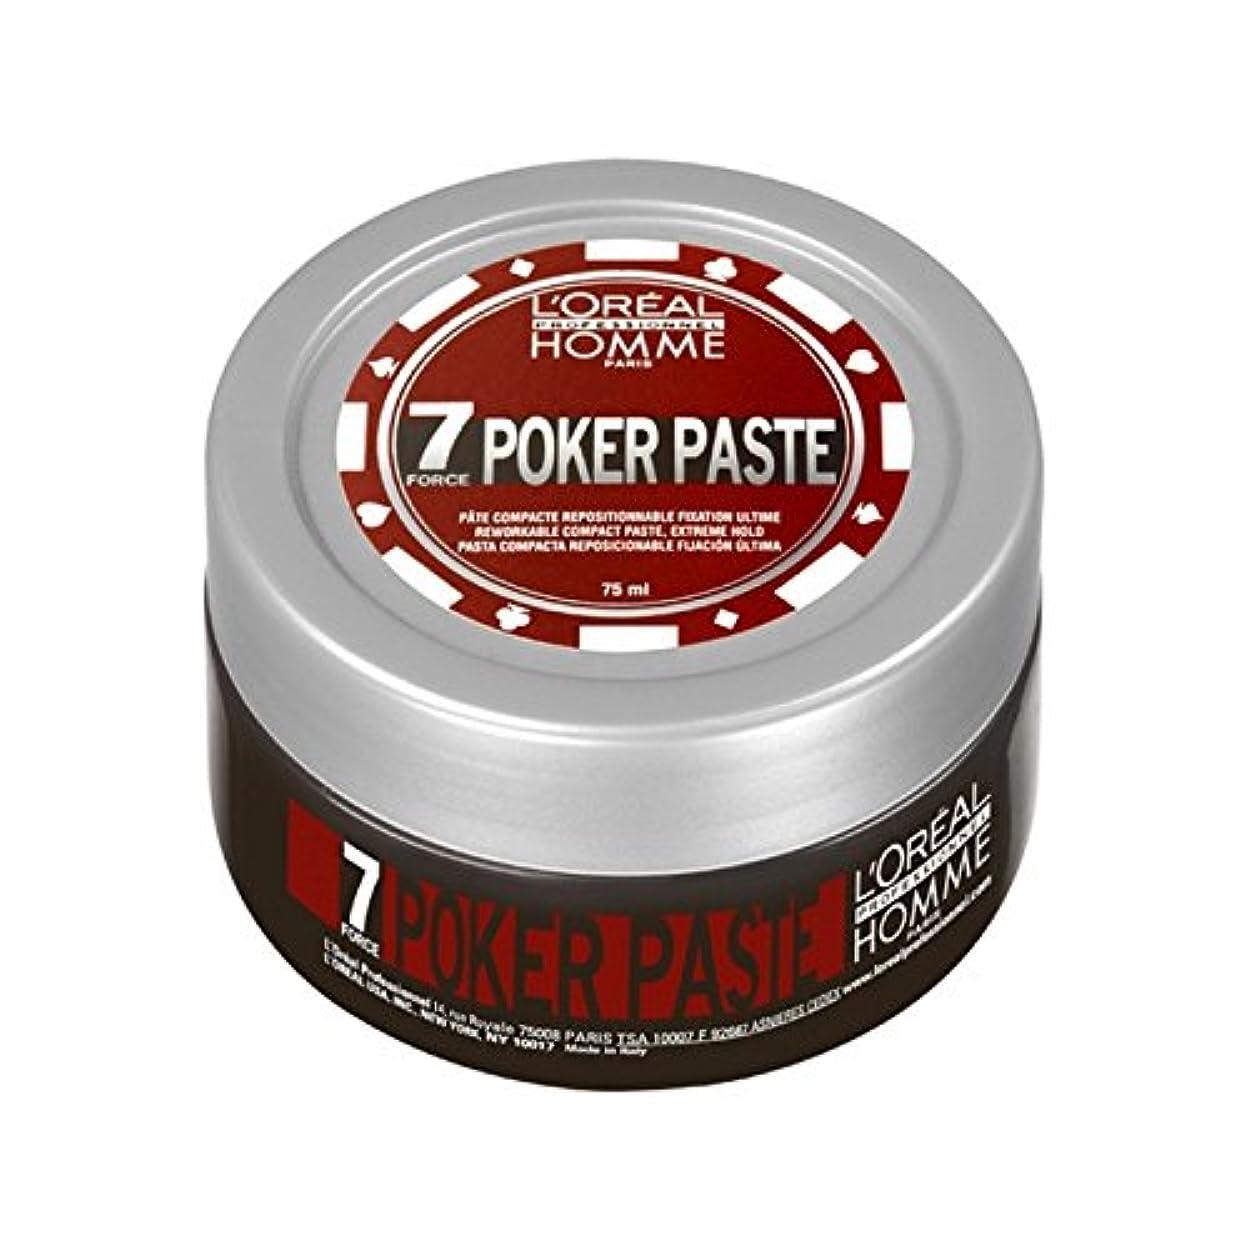 スクランブル破裂バイアスロレアルプロオムポーカーペースト(75ミリリットル) x2 - L'Oreal Professional Homme Poker Paste (75ml) (Pack of 2) [並行輸入品]